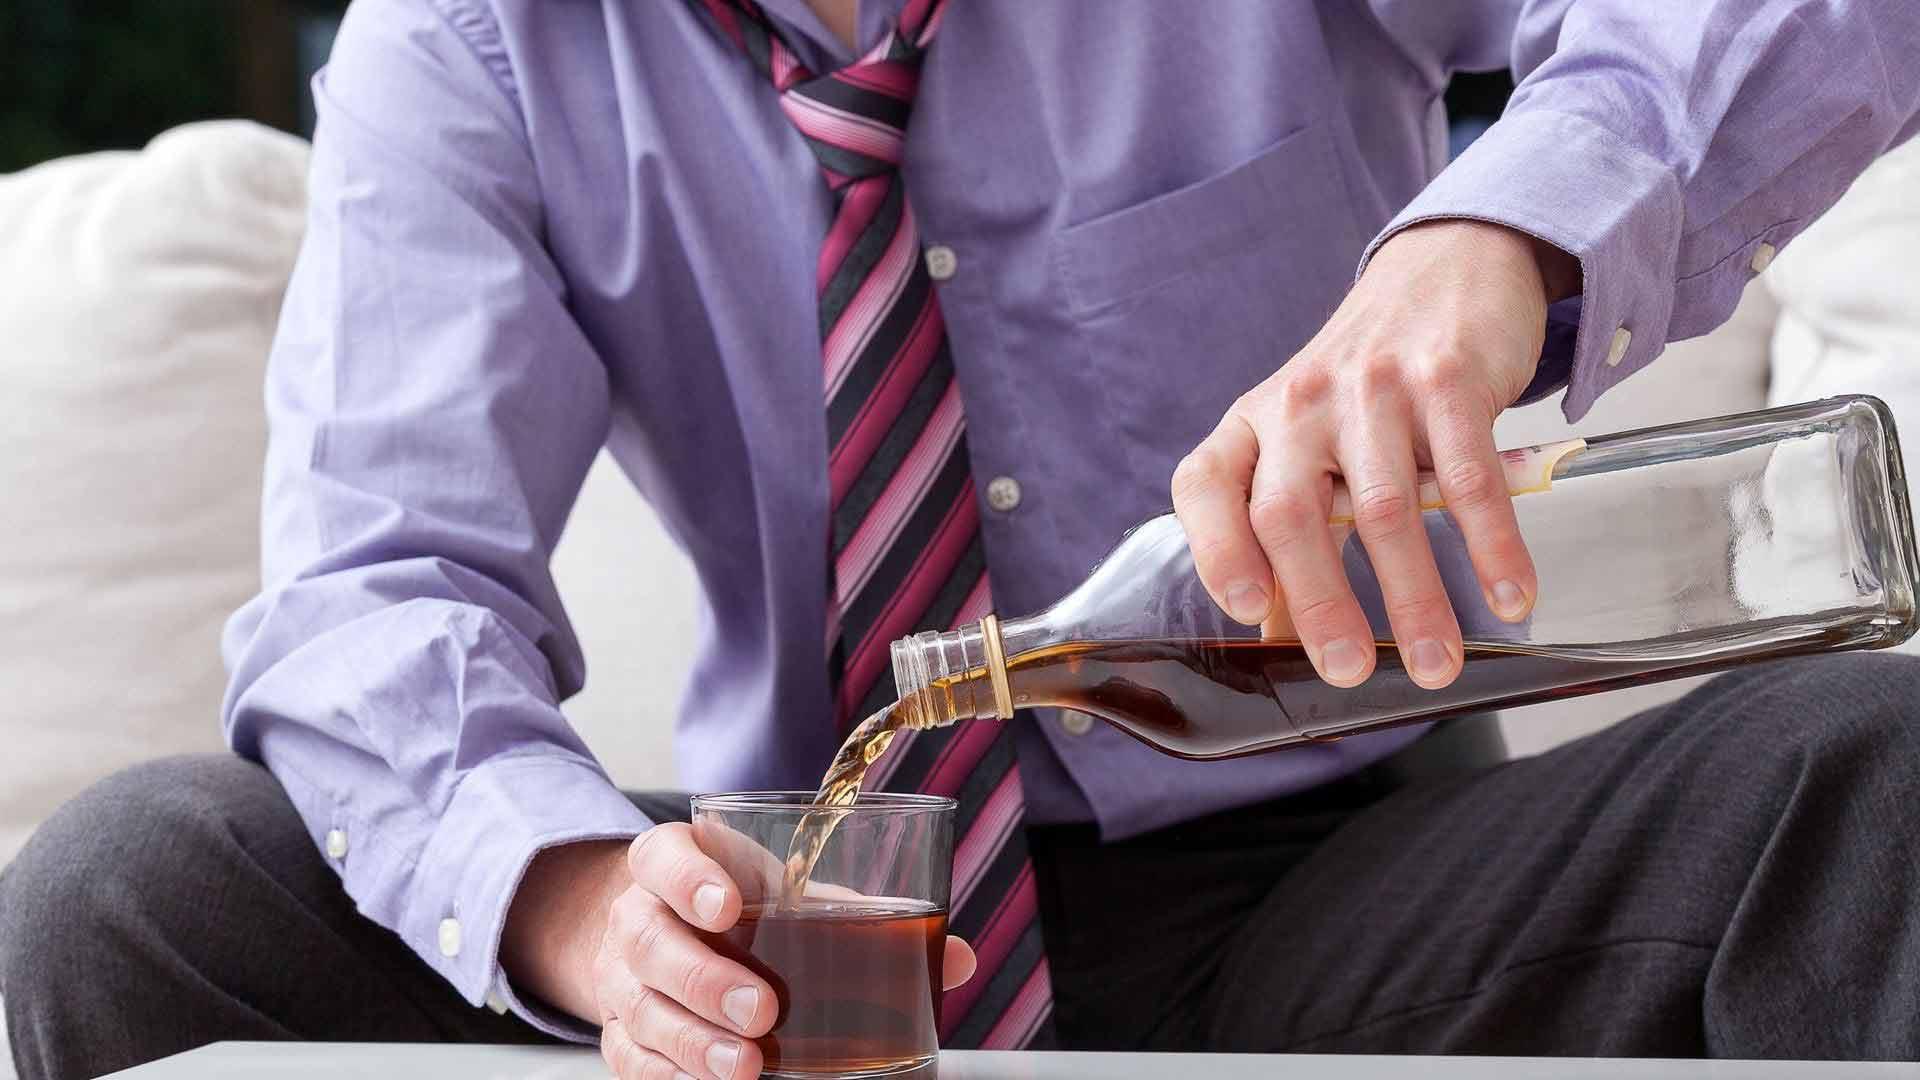 бытовое пьянство